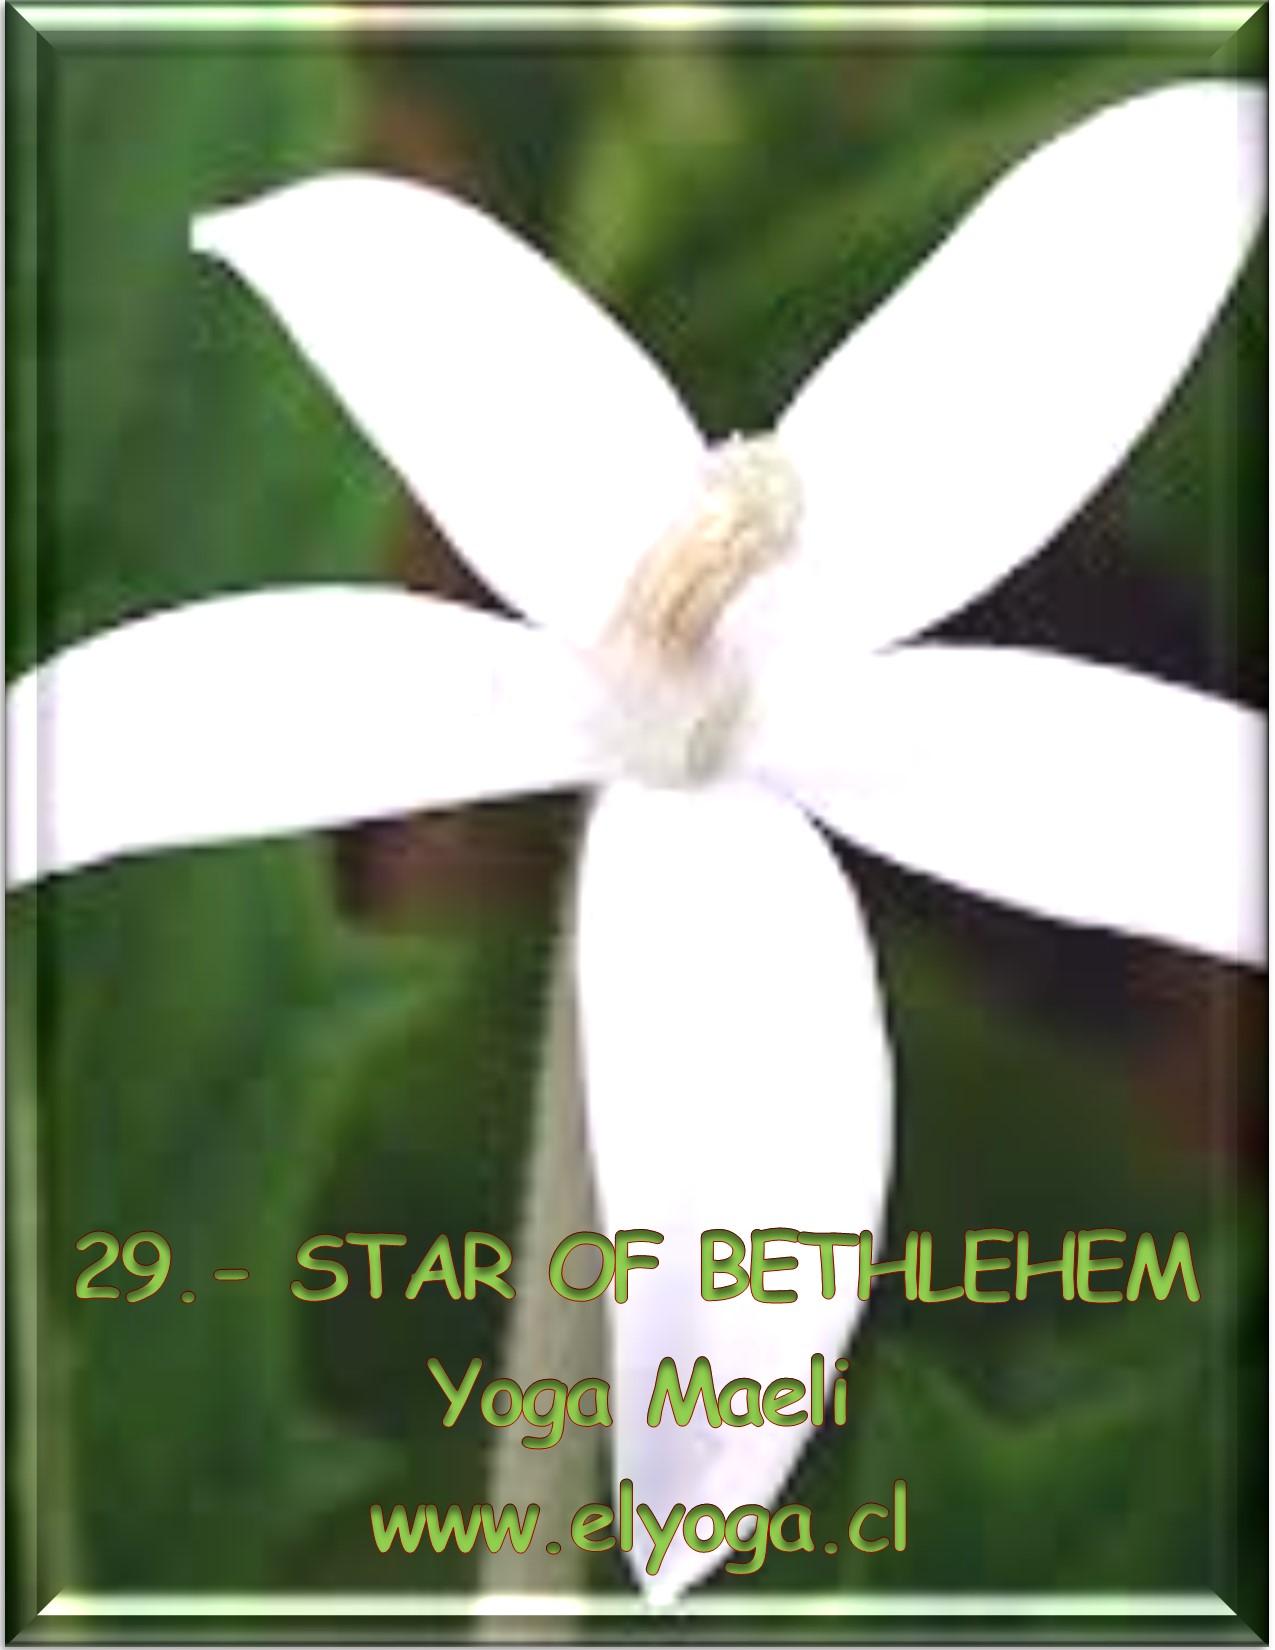 29STAROFBETHLEHEM